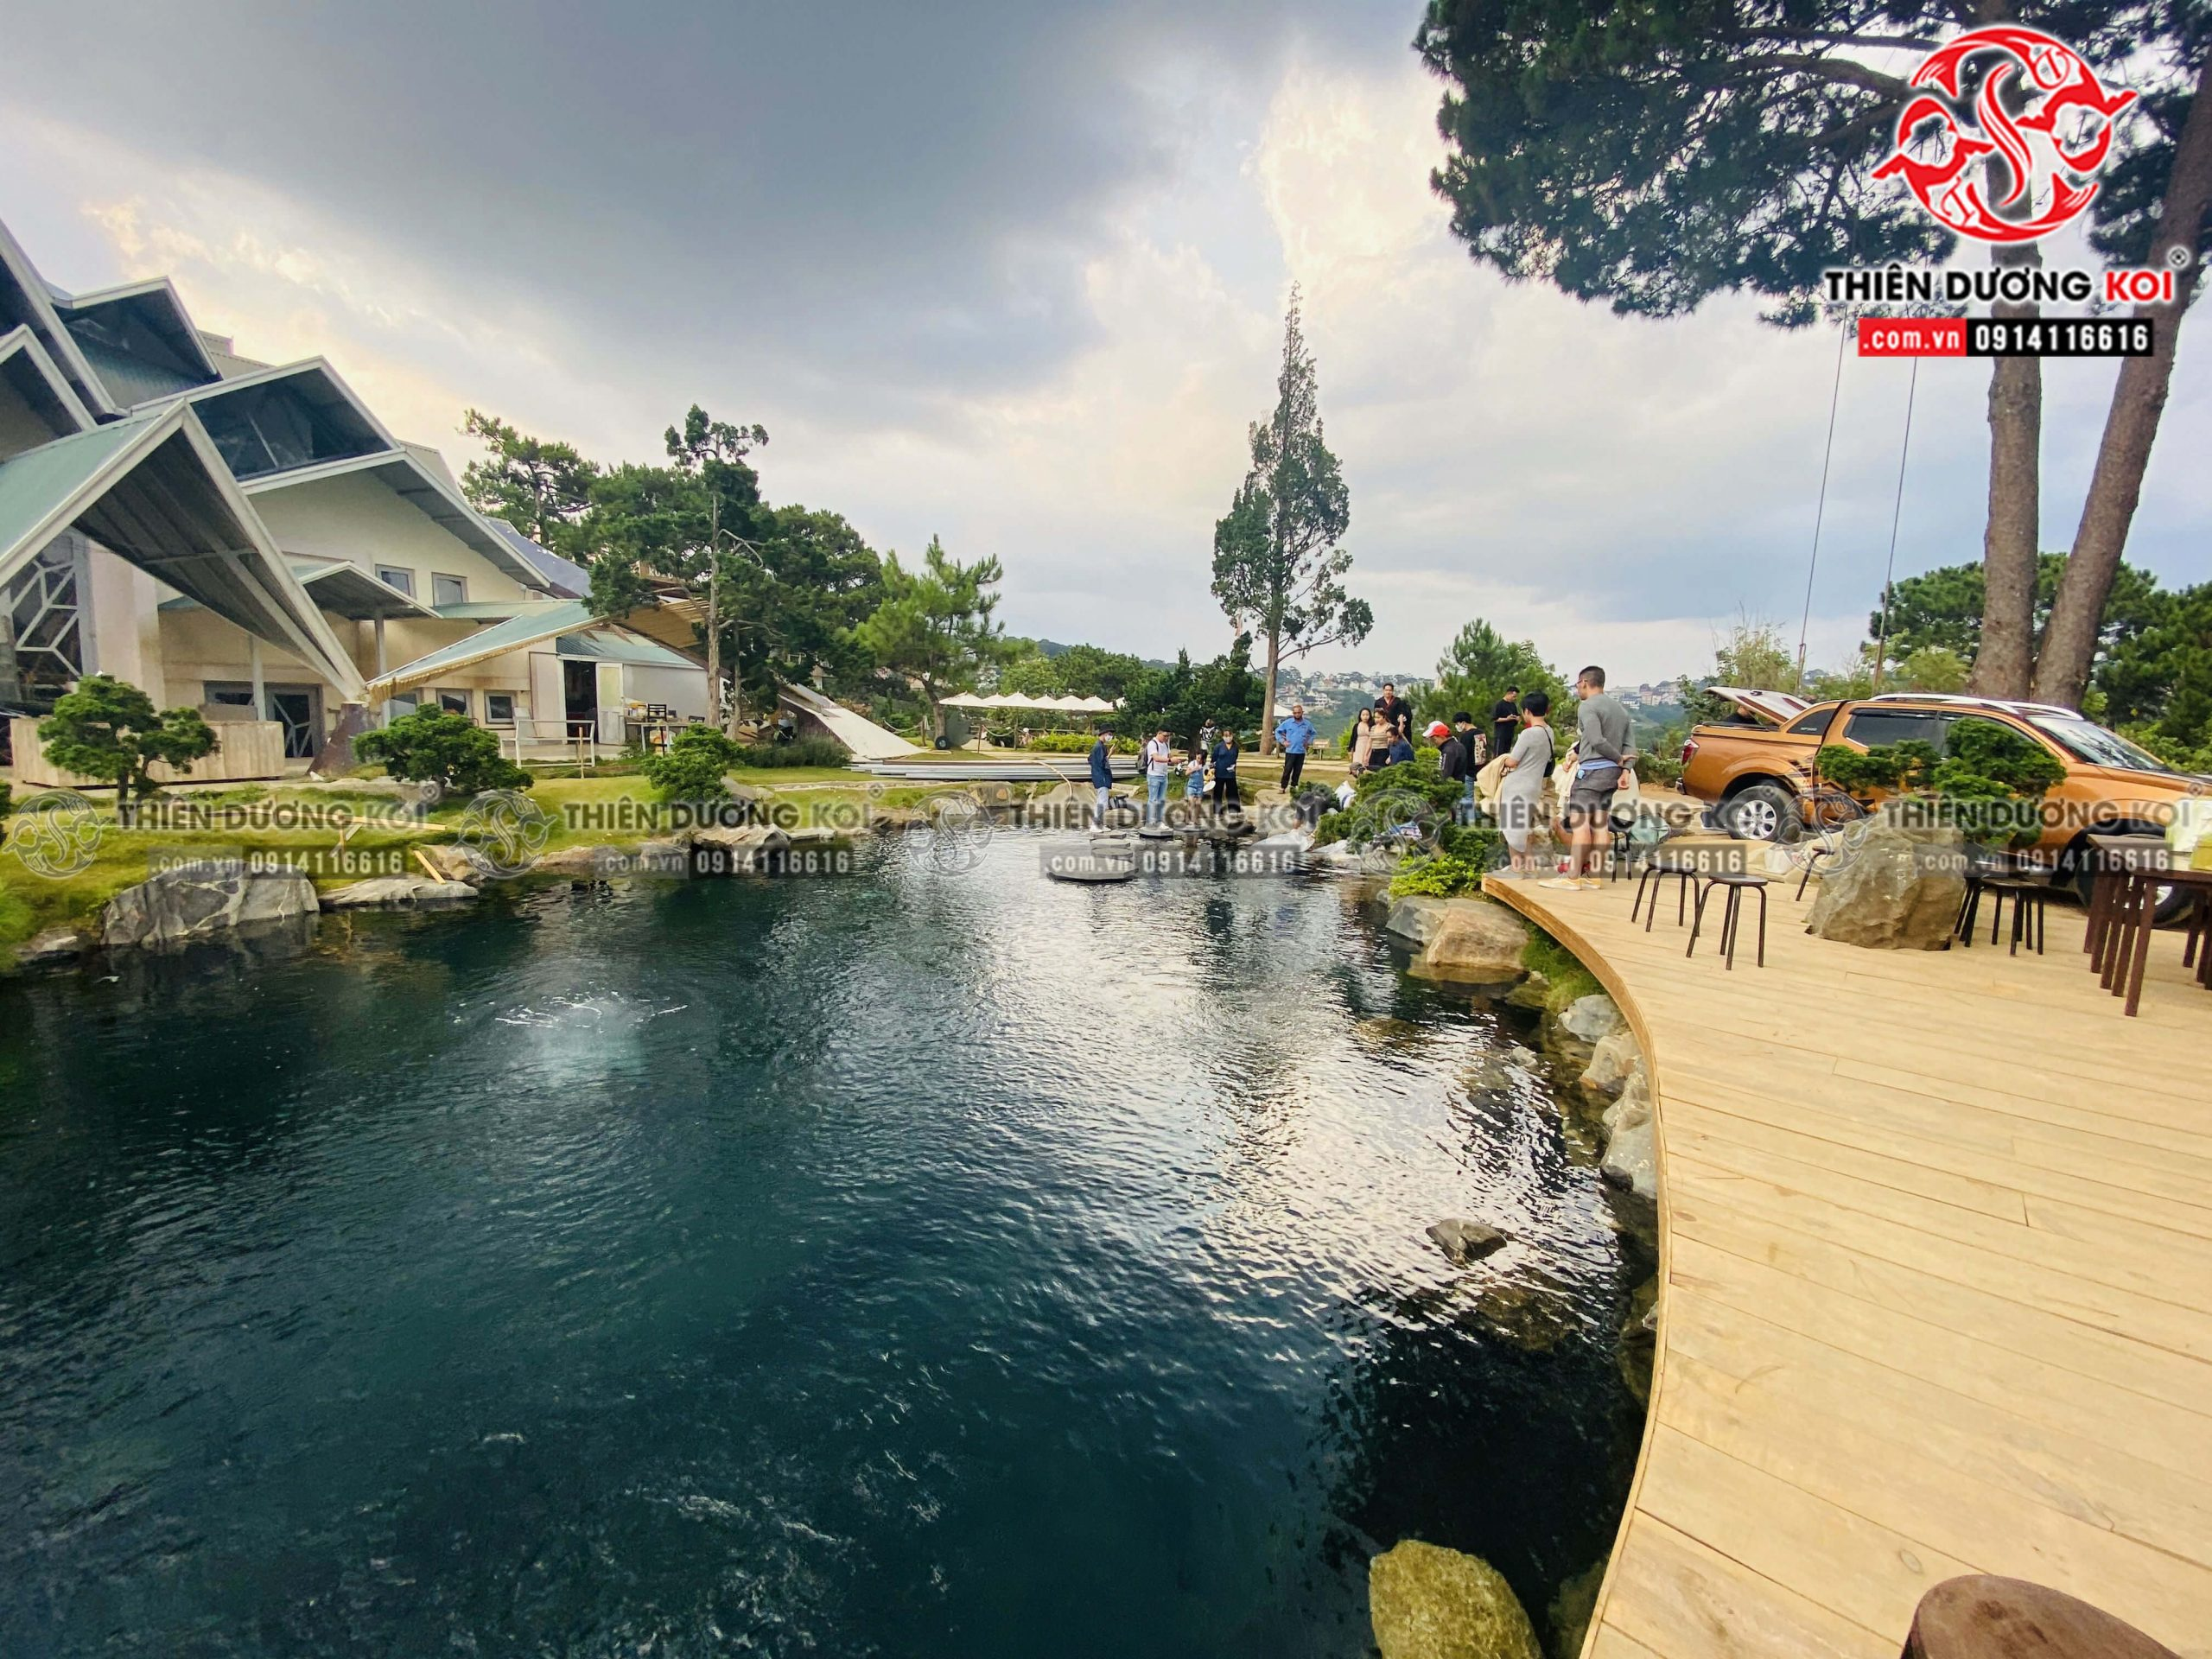 Quấ trình Thiết kế - Thi công hồ cá Koi tại khu du lịch Lá Phong - Đà Lạt